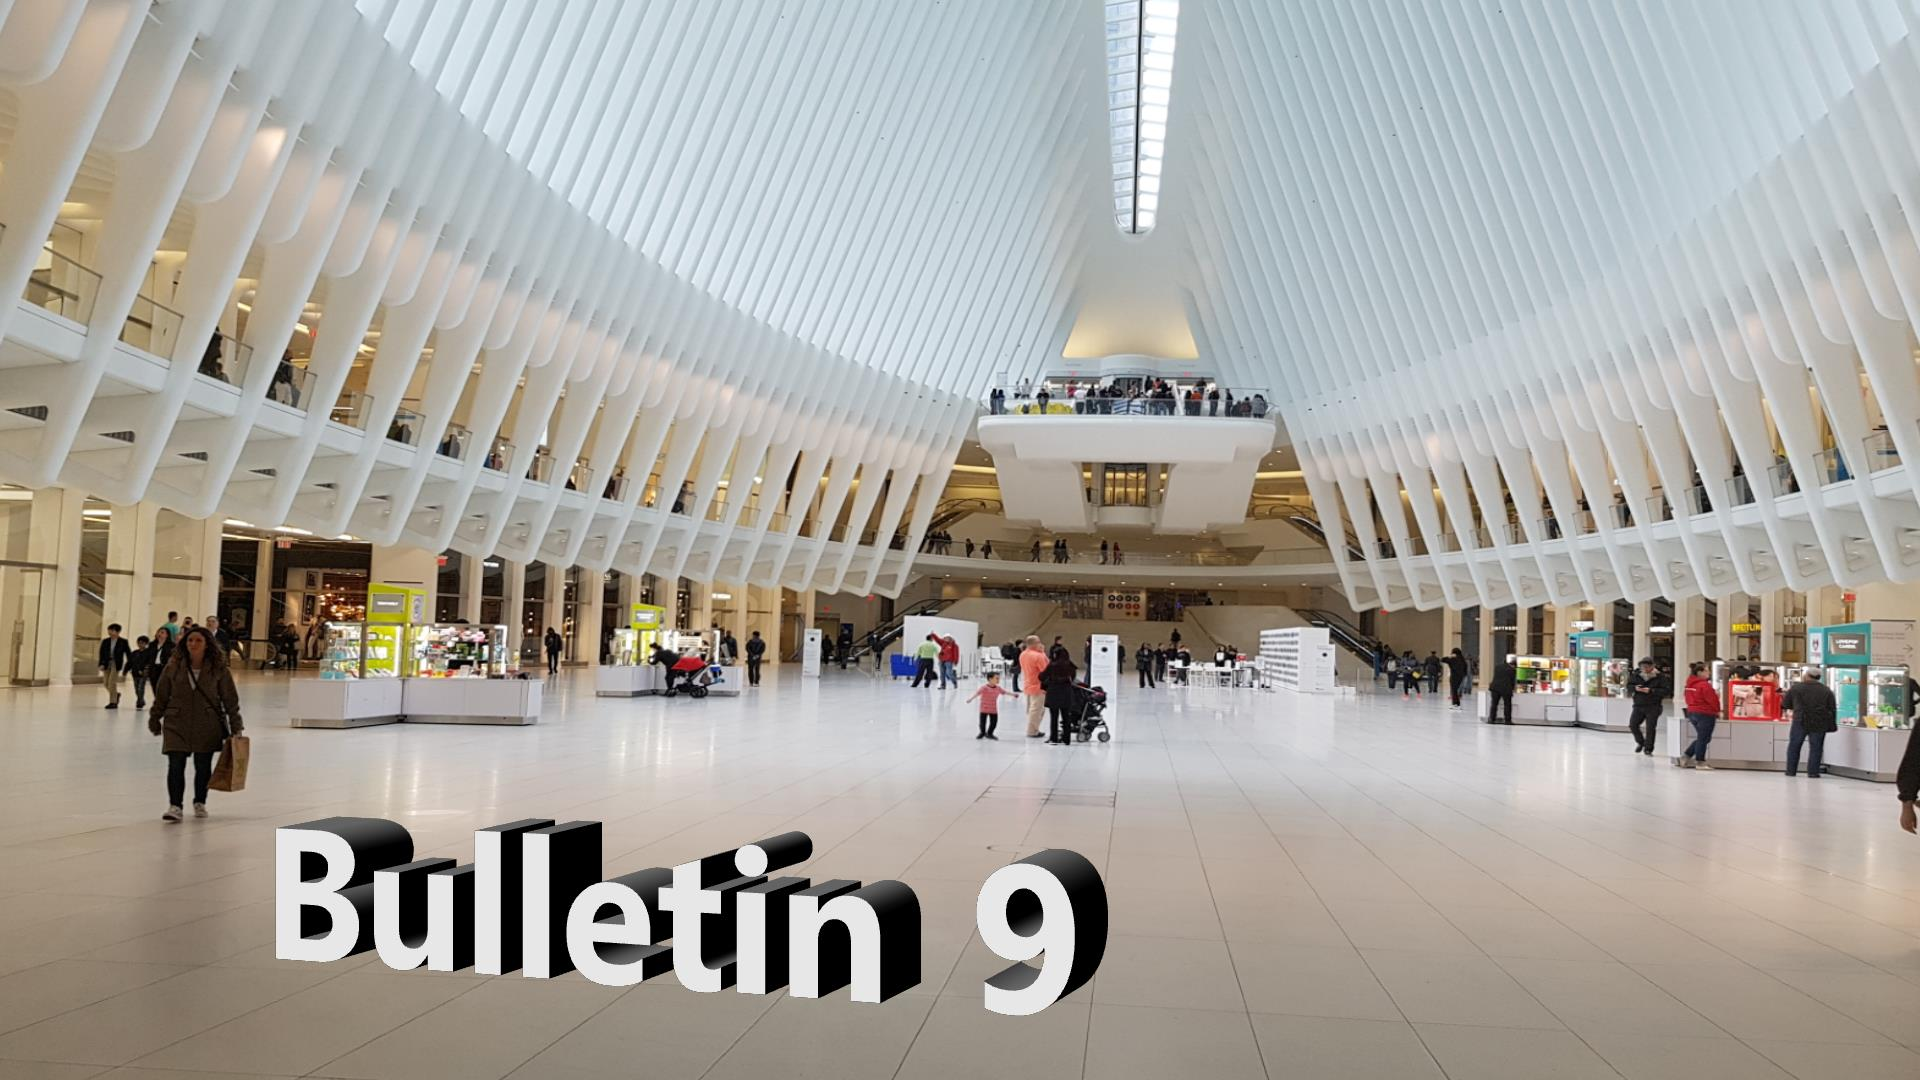 Bulletin 9, May 29